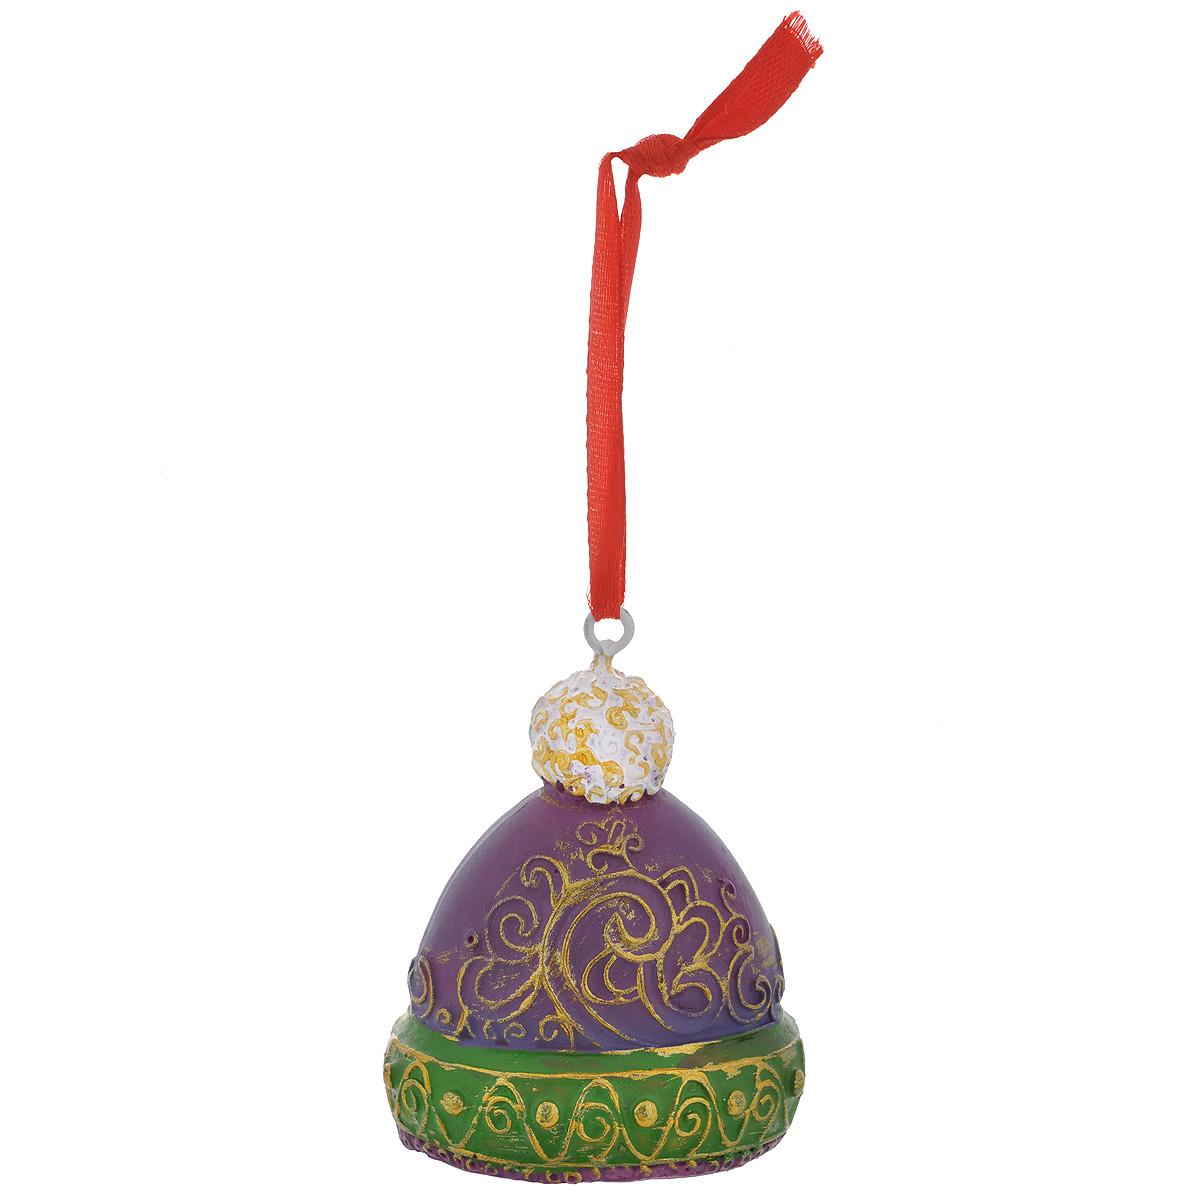 Новогоднее подвесное украшение Шапка, цвет: фиолетовый, зеленый. 3459834598Оригинальное новогоднее украшение из пластика прекрасно подойдет для праздничного декора дома и новогодней ели. Изделие крепится на елку с помощью металлического зажима.